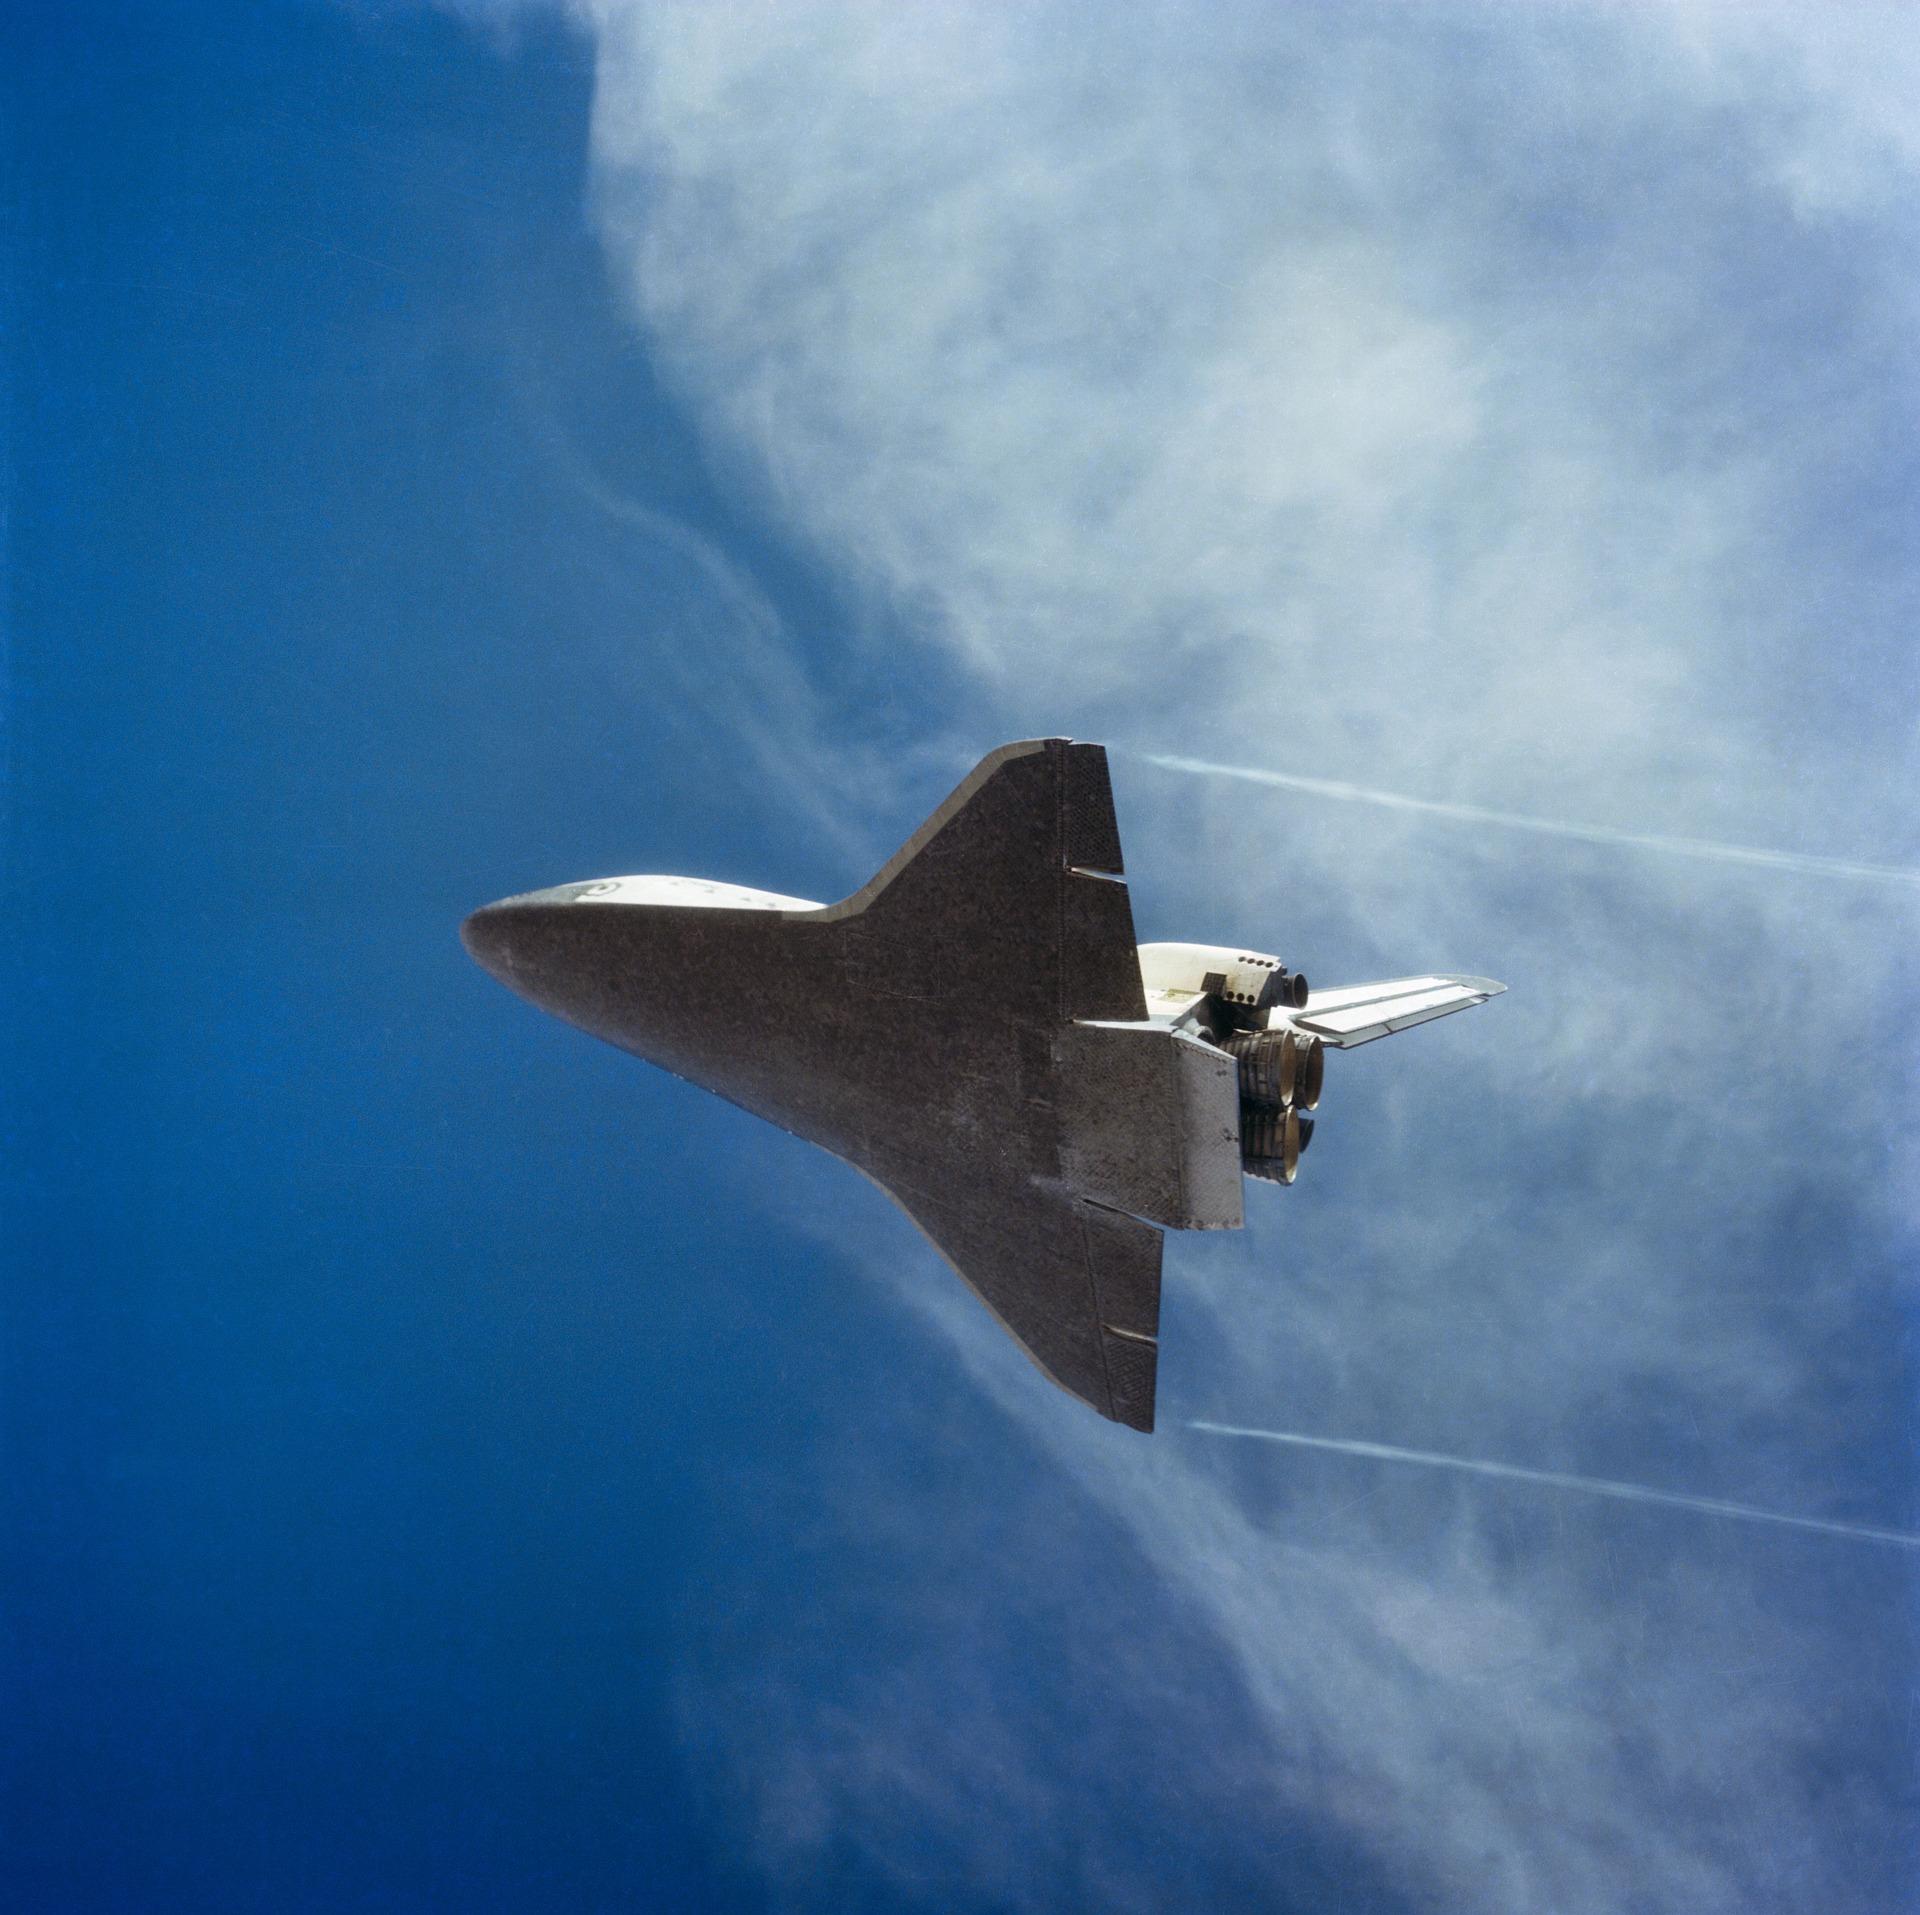 Space Shuttle, Gravity, Lunar, Shuttle, Space, HQ Photo